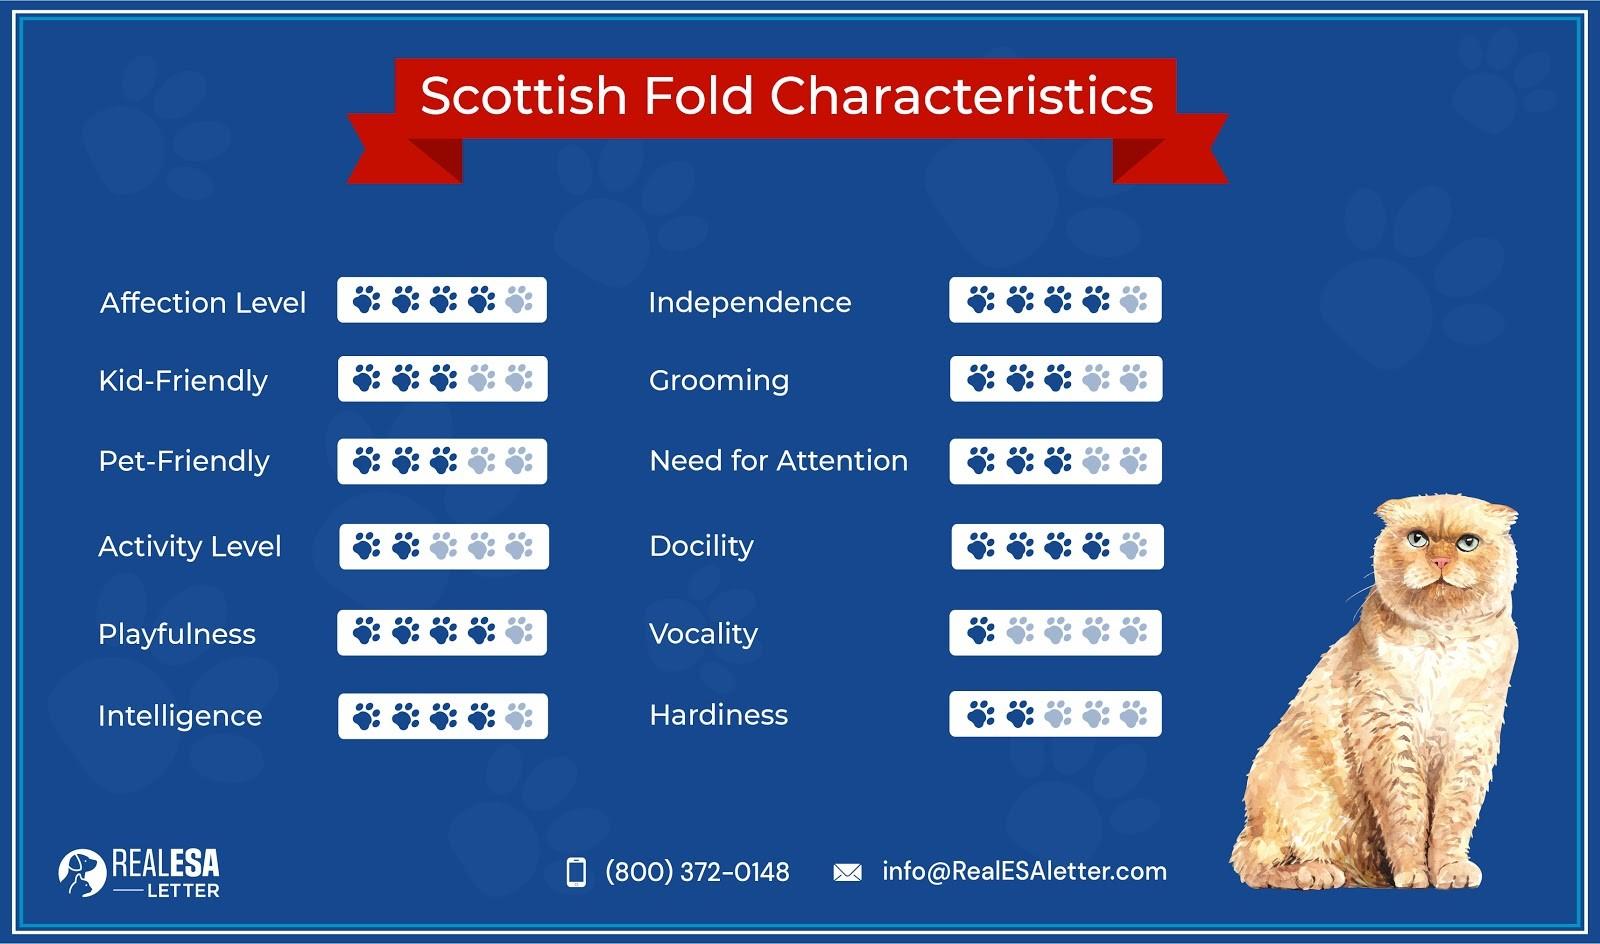 Scottish Fold Characteristics